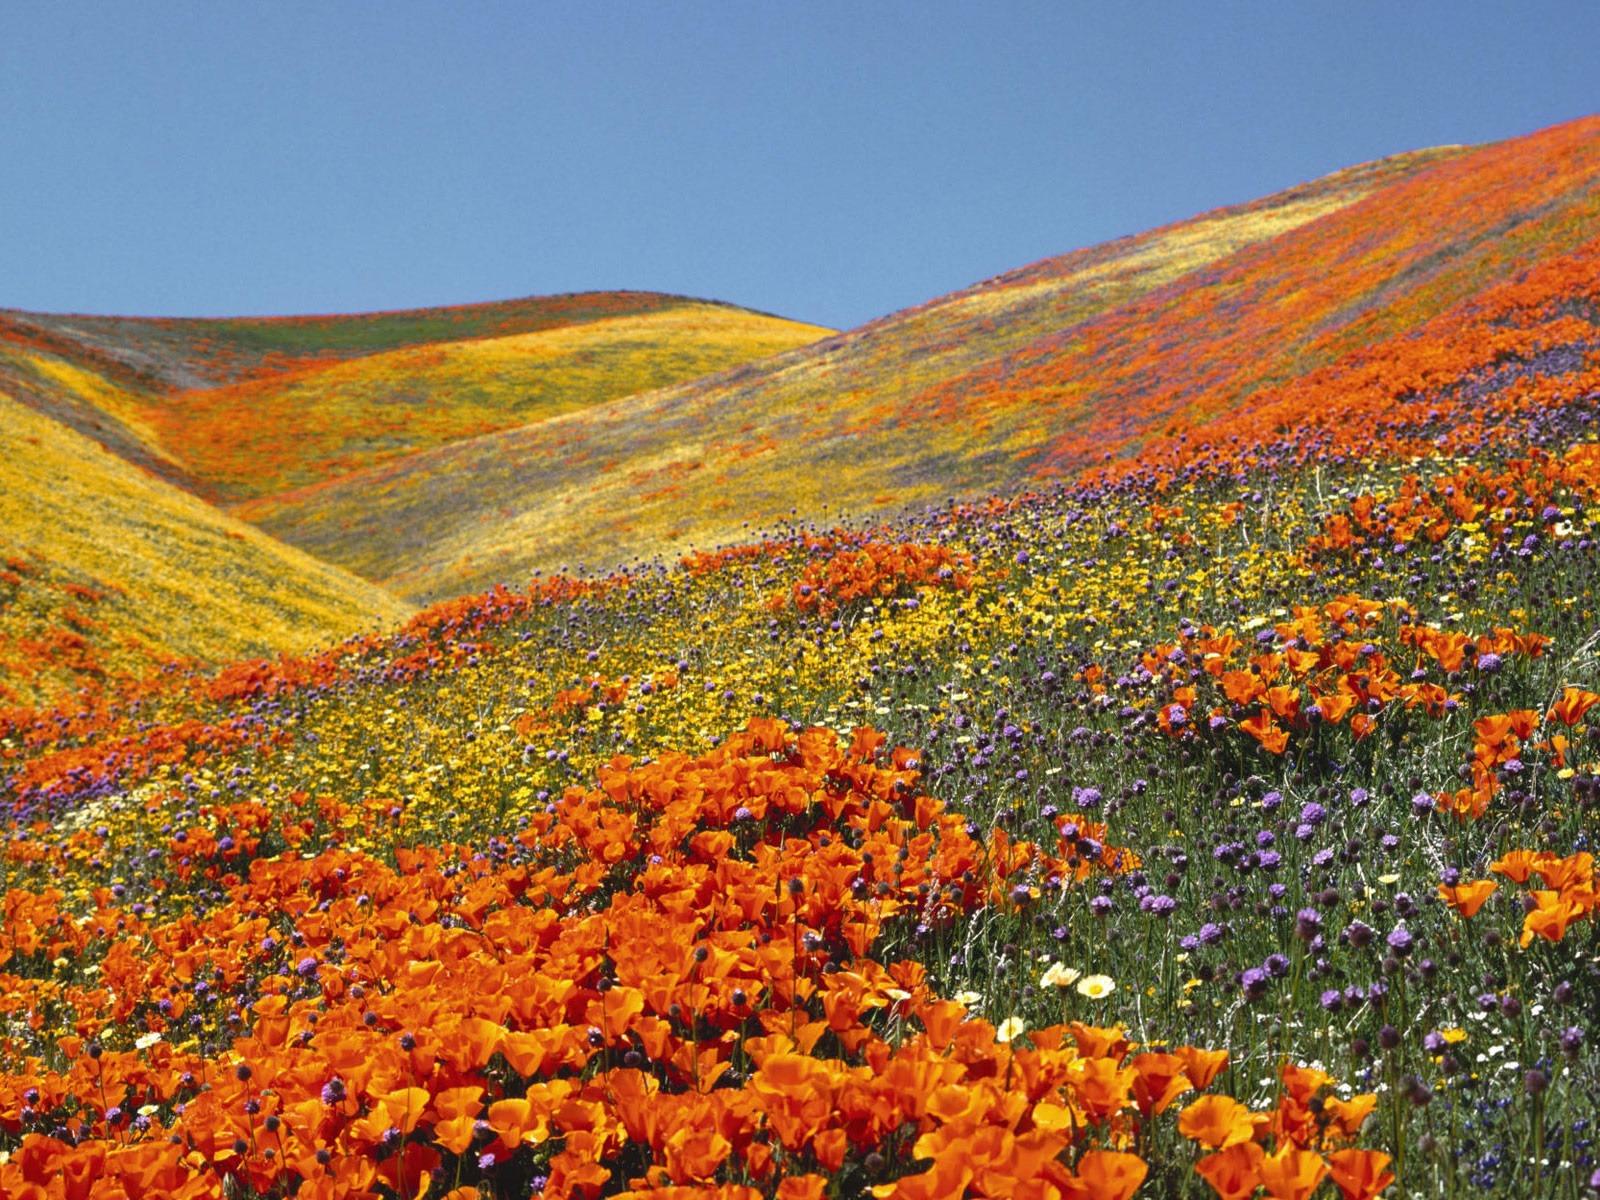 Sfondi primavera per desktop campo fiorito sfondi hd for Immagini gratis per desktop primavera